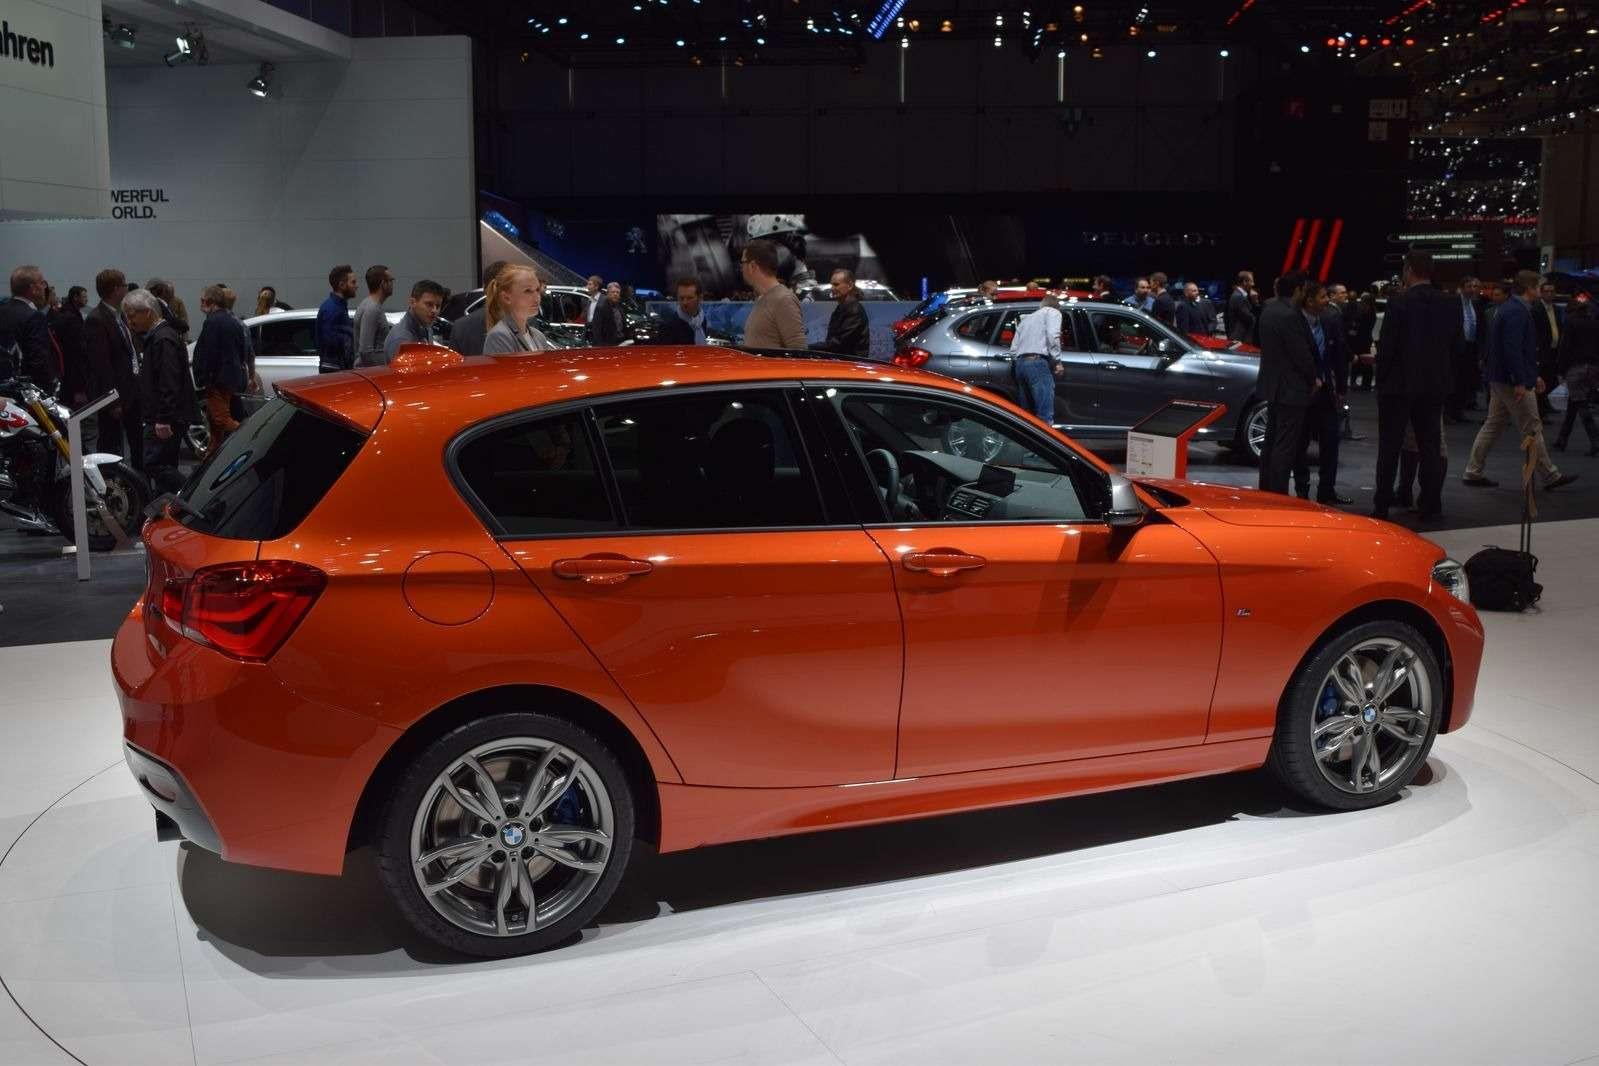 BMWдобавила свежести 1-й серии— фото 369410